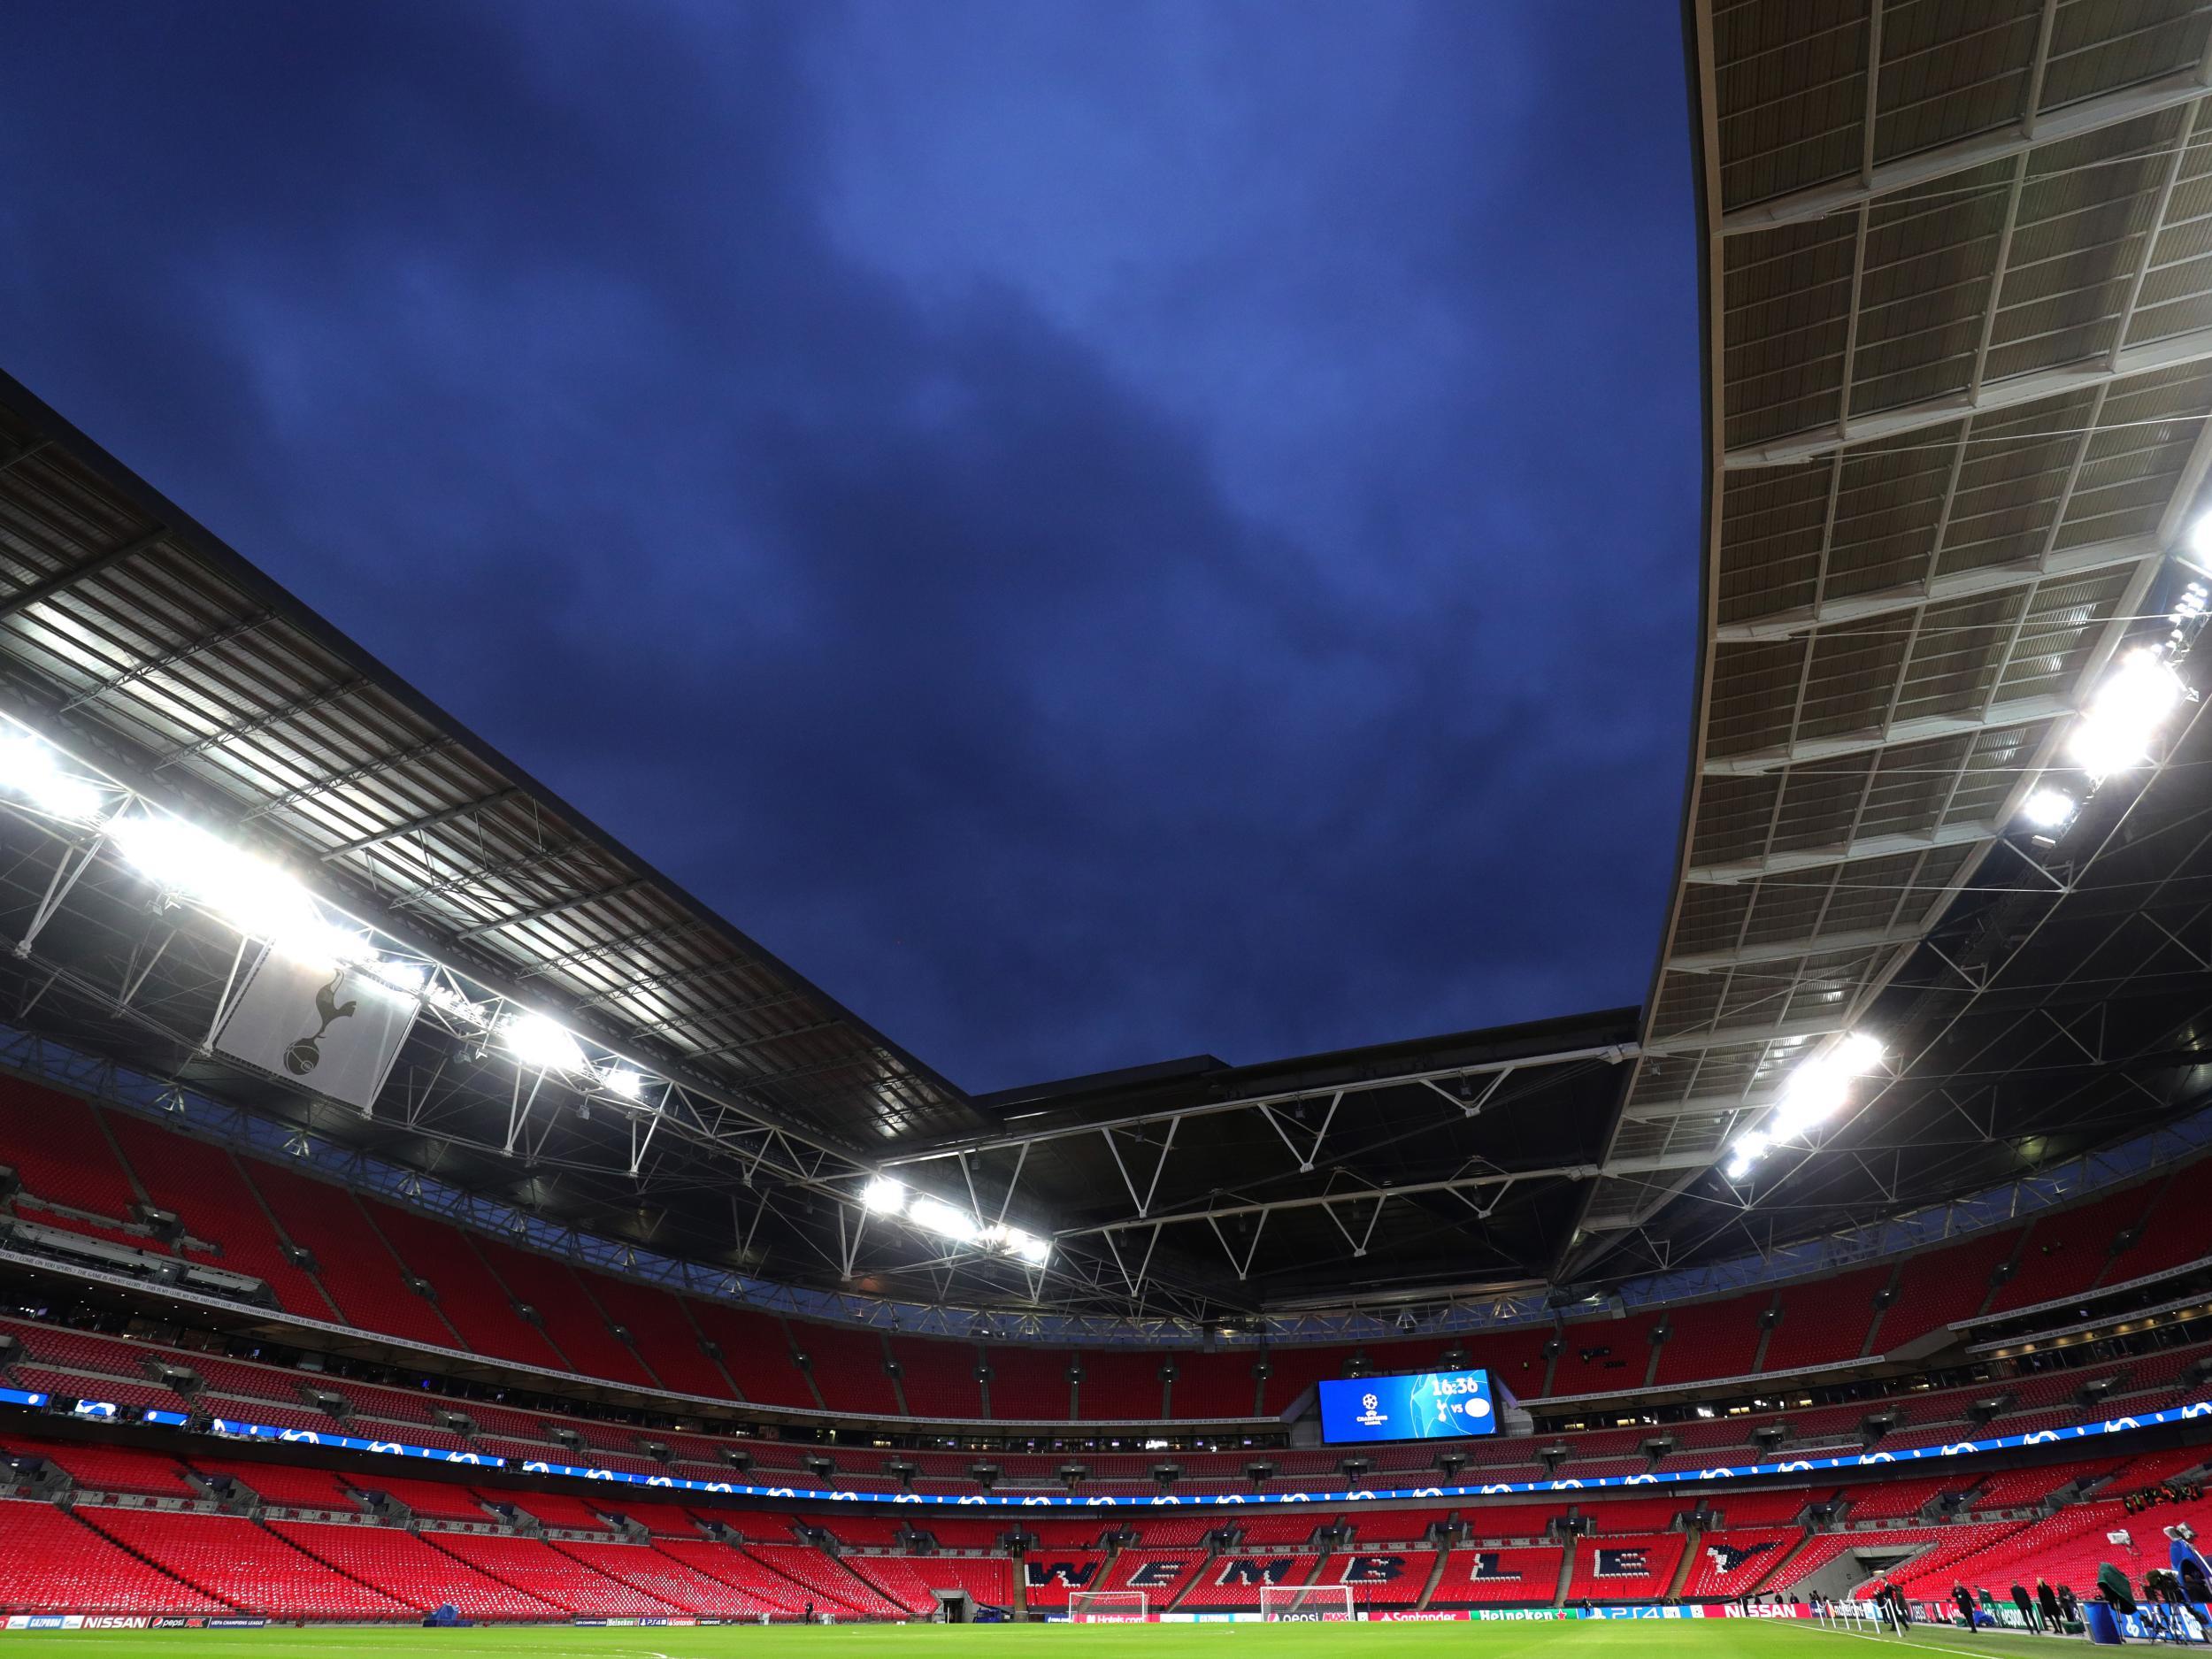 Tottenham vs Inter Milan, Champions League: predictions